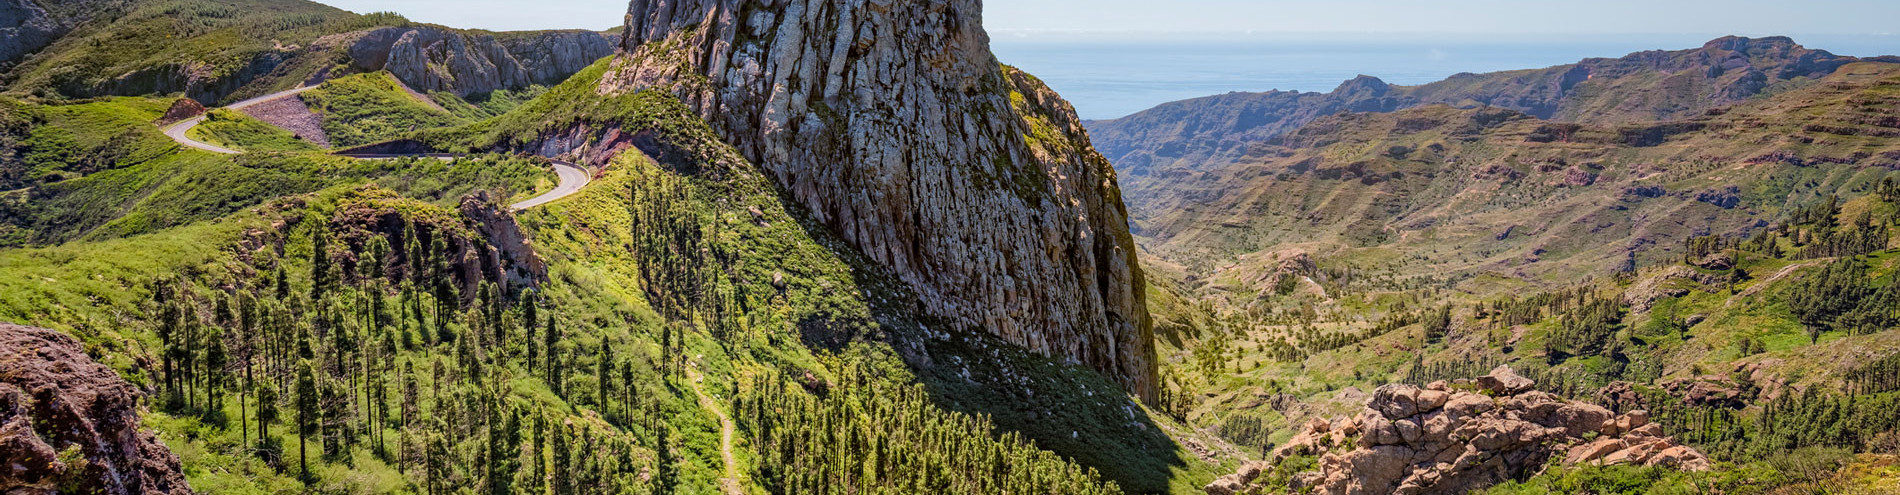 Der Weg ist das Ziel. Erwandern Sie Ihre Route und genießen Sie die Natur.